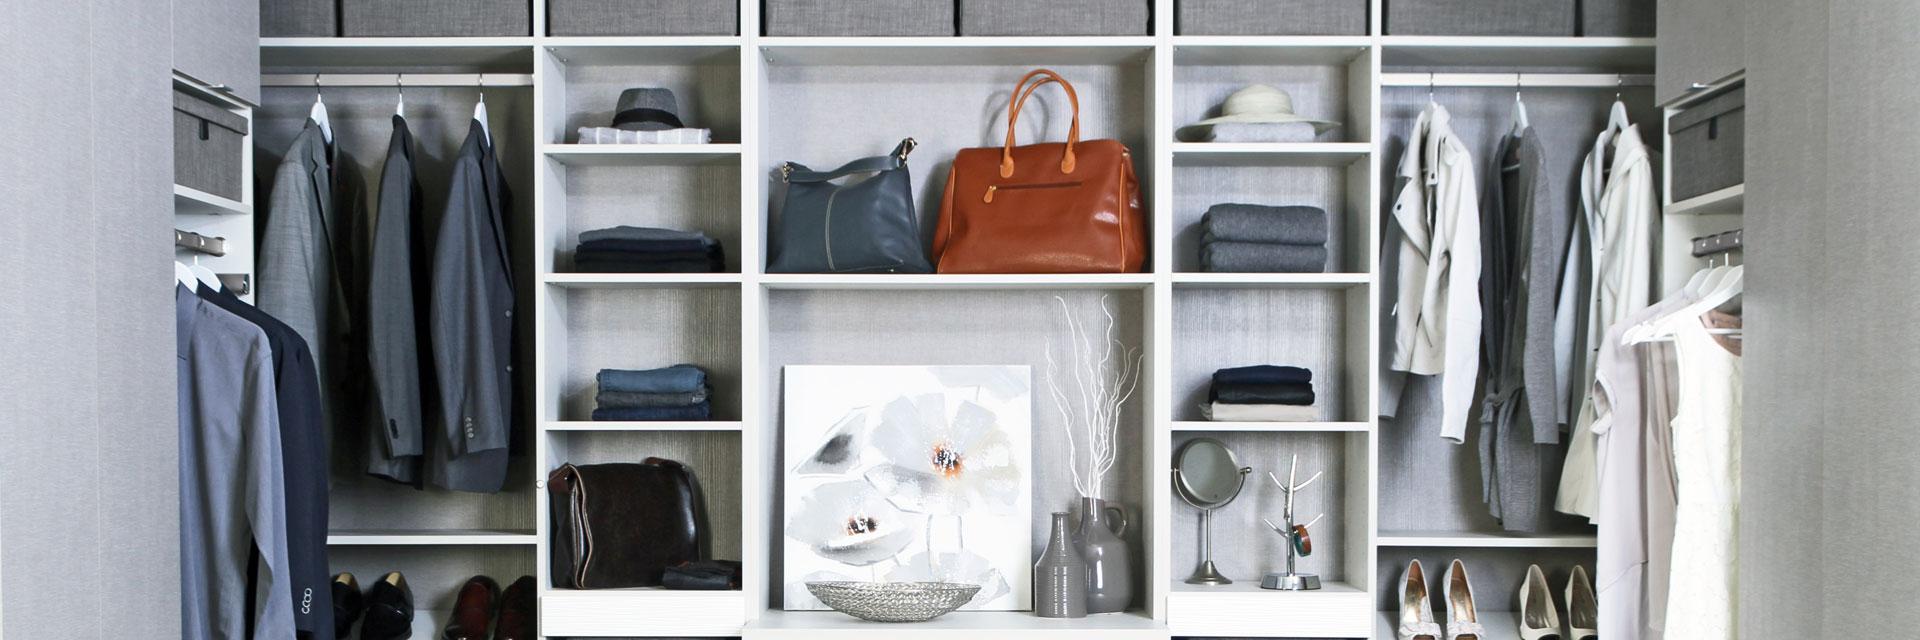 Custom Closet Storage Solutions | Closet U0026 Storage Concepts